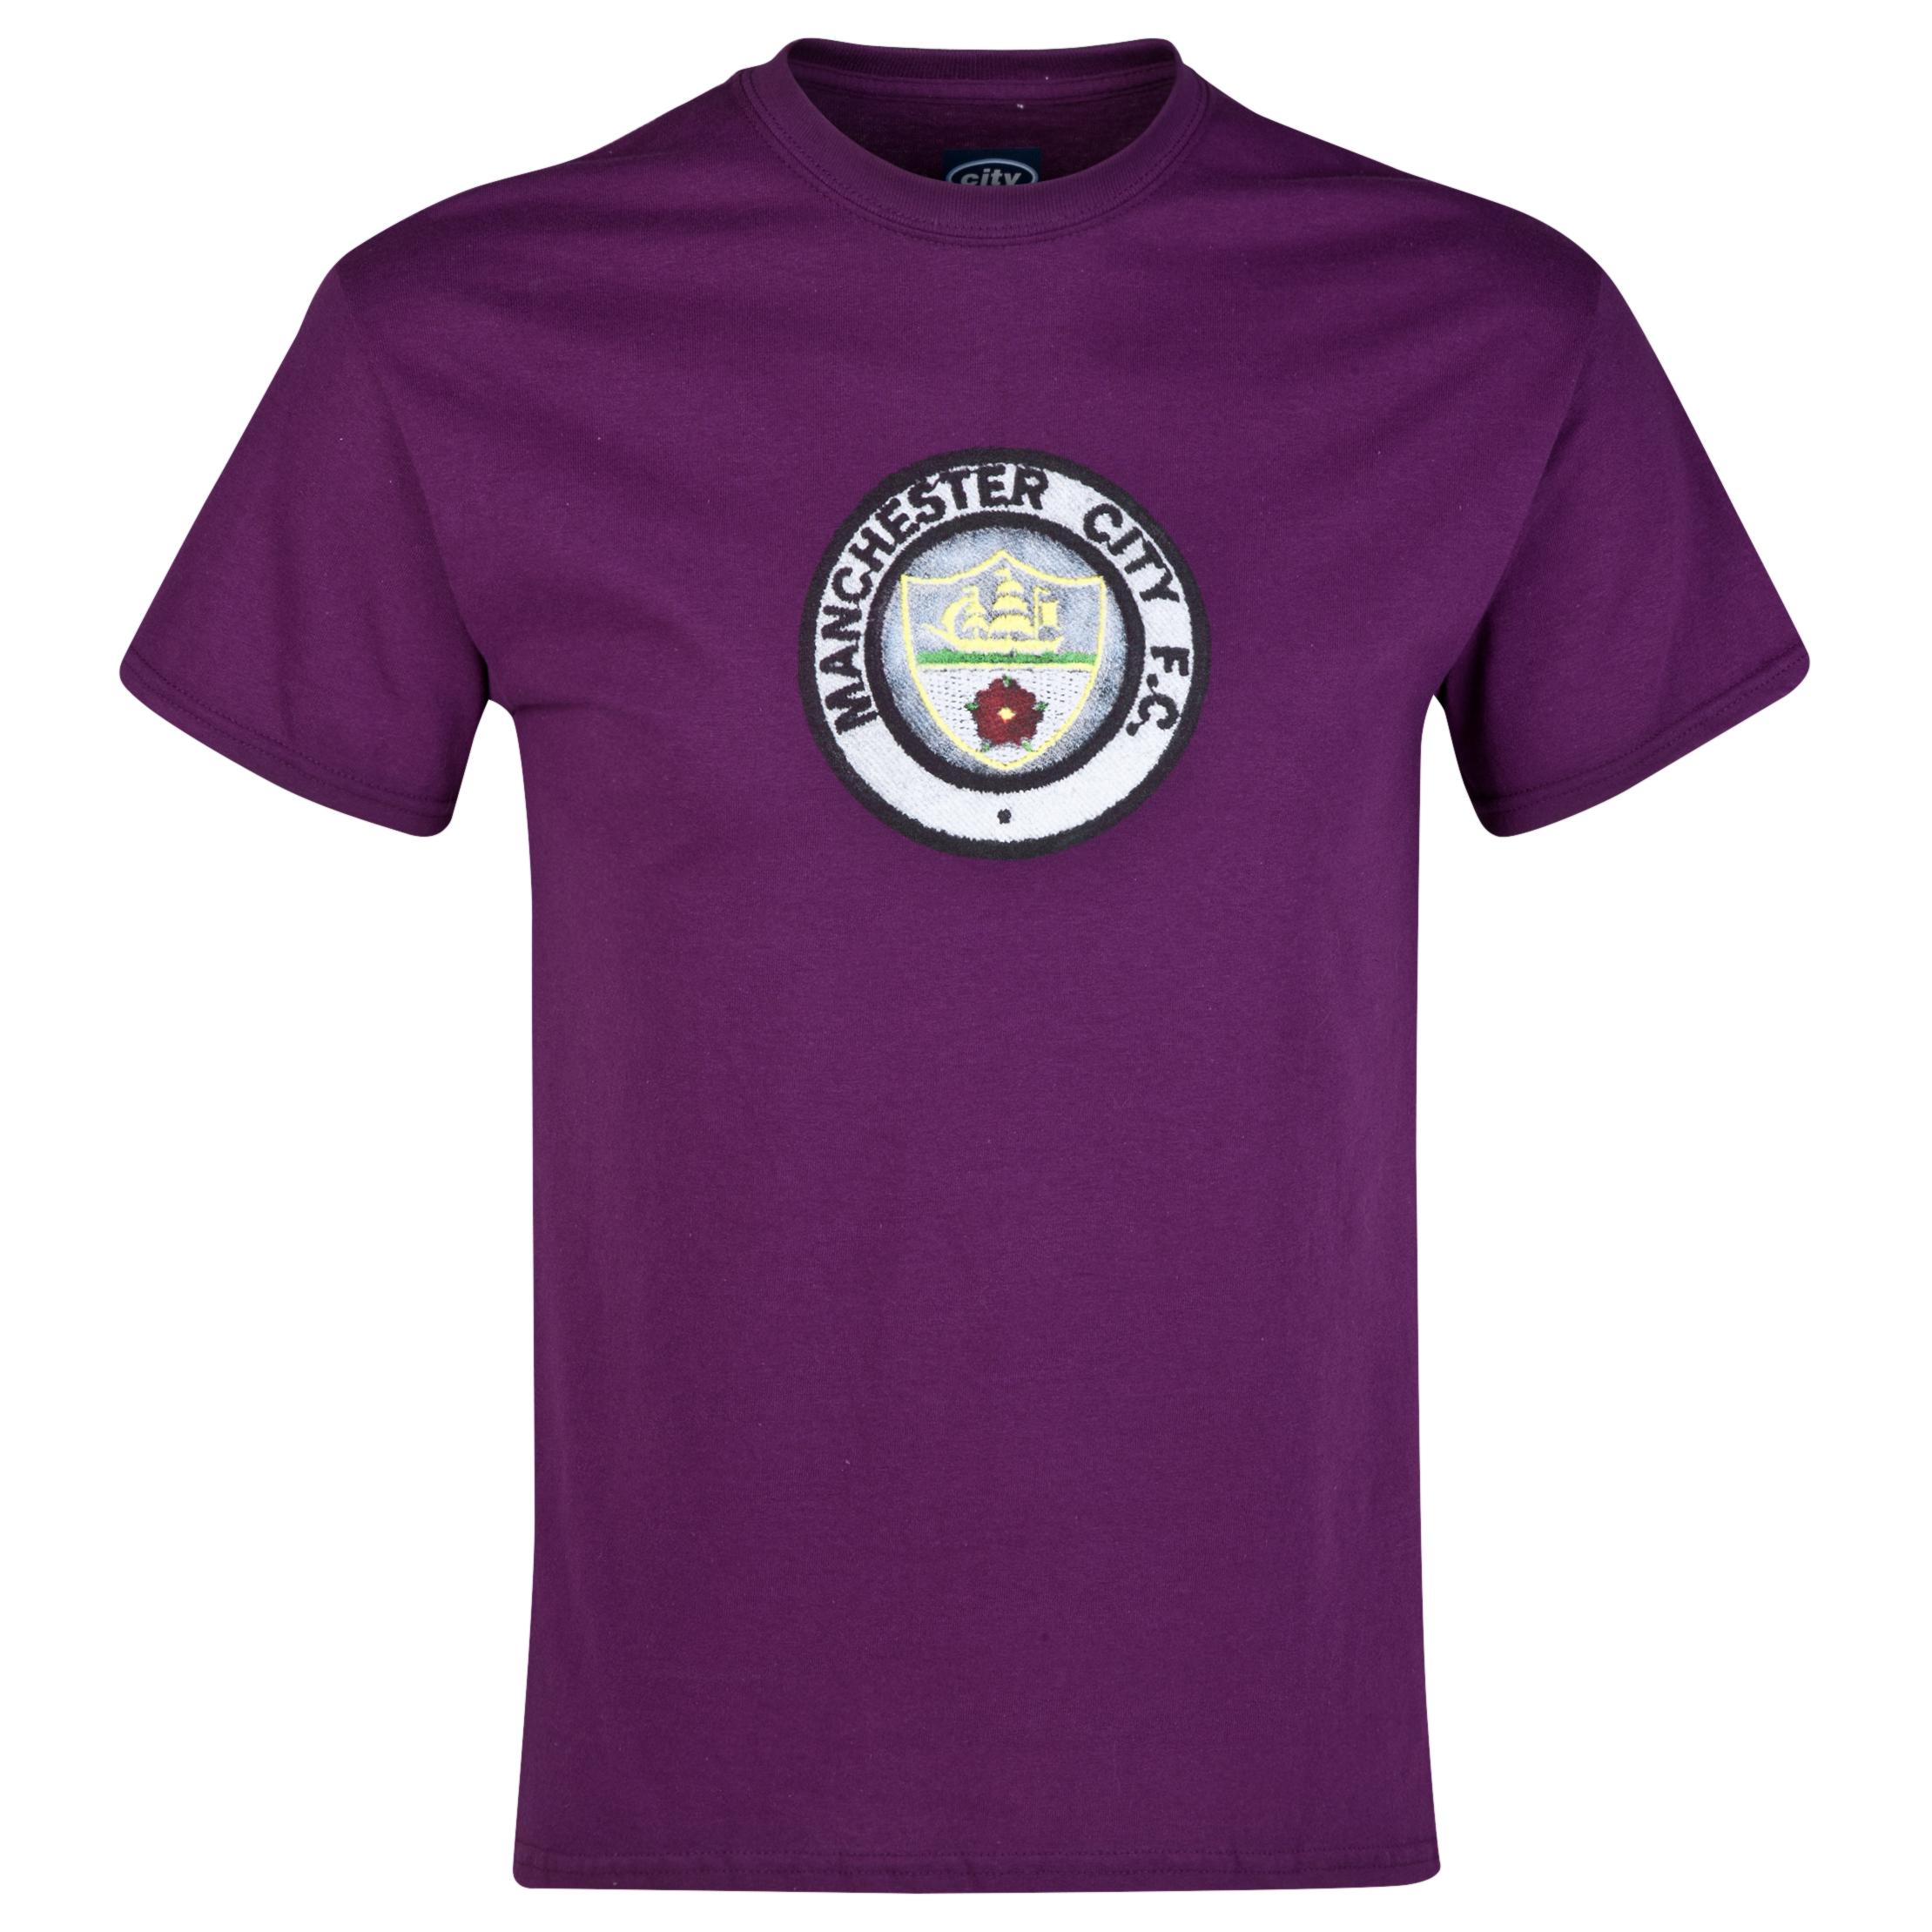 Manchester City 2 for 20 Retro Crest T-Shirt Purple